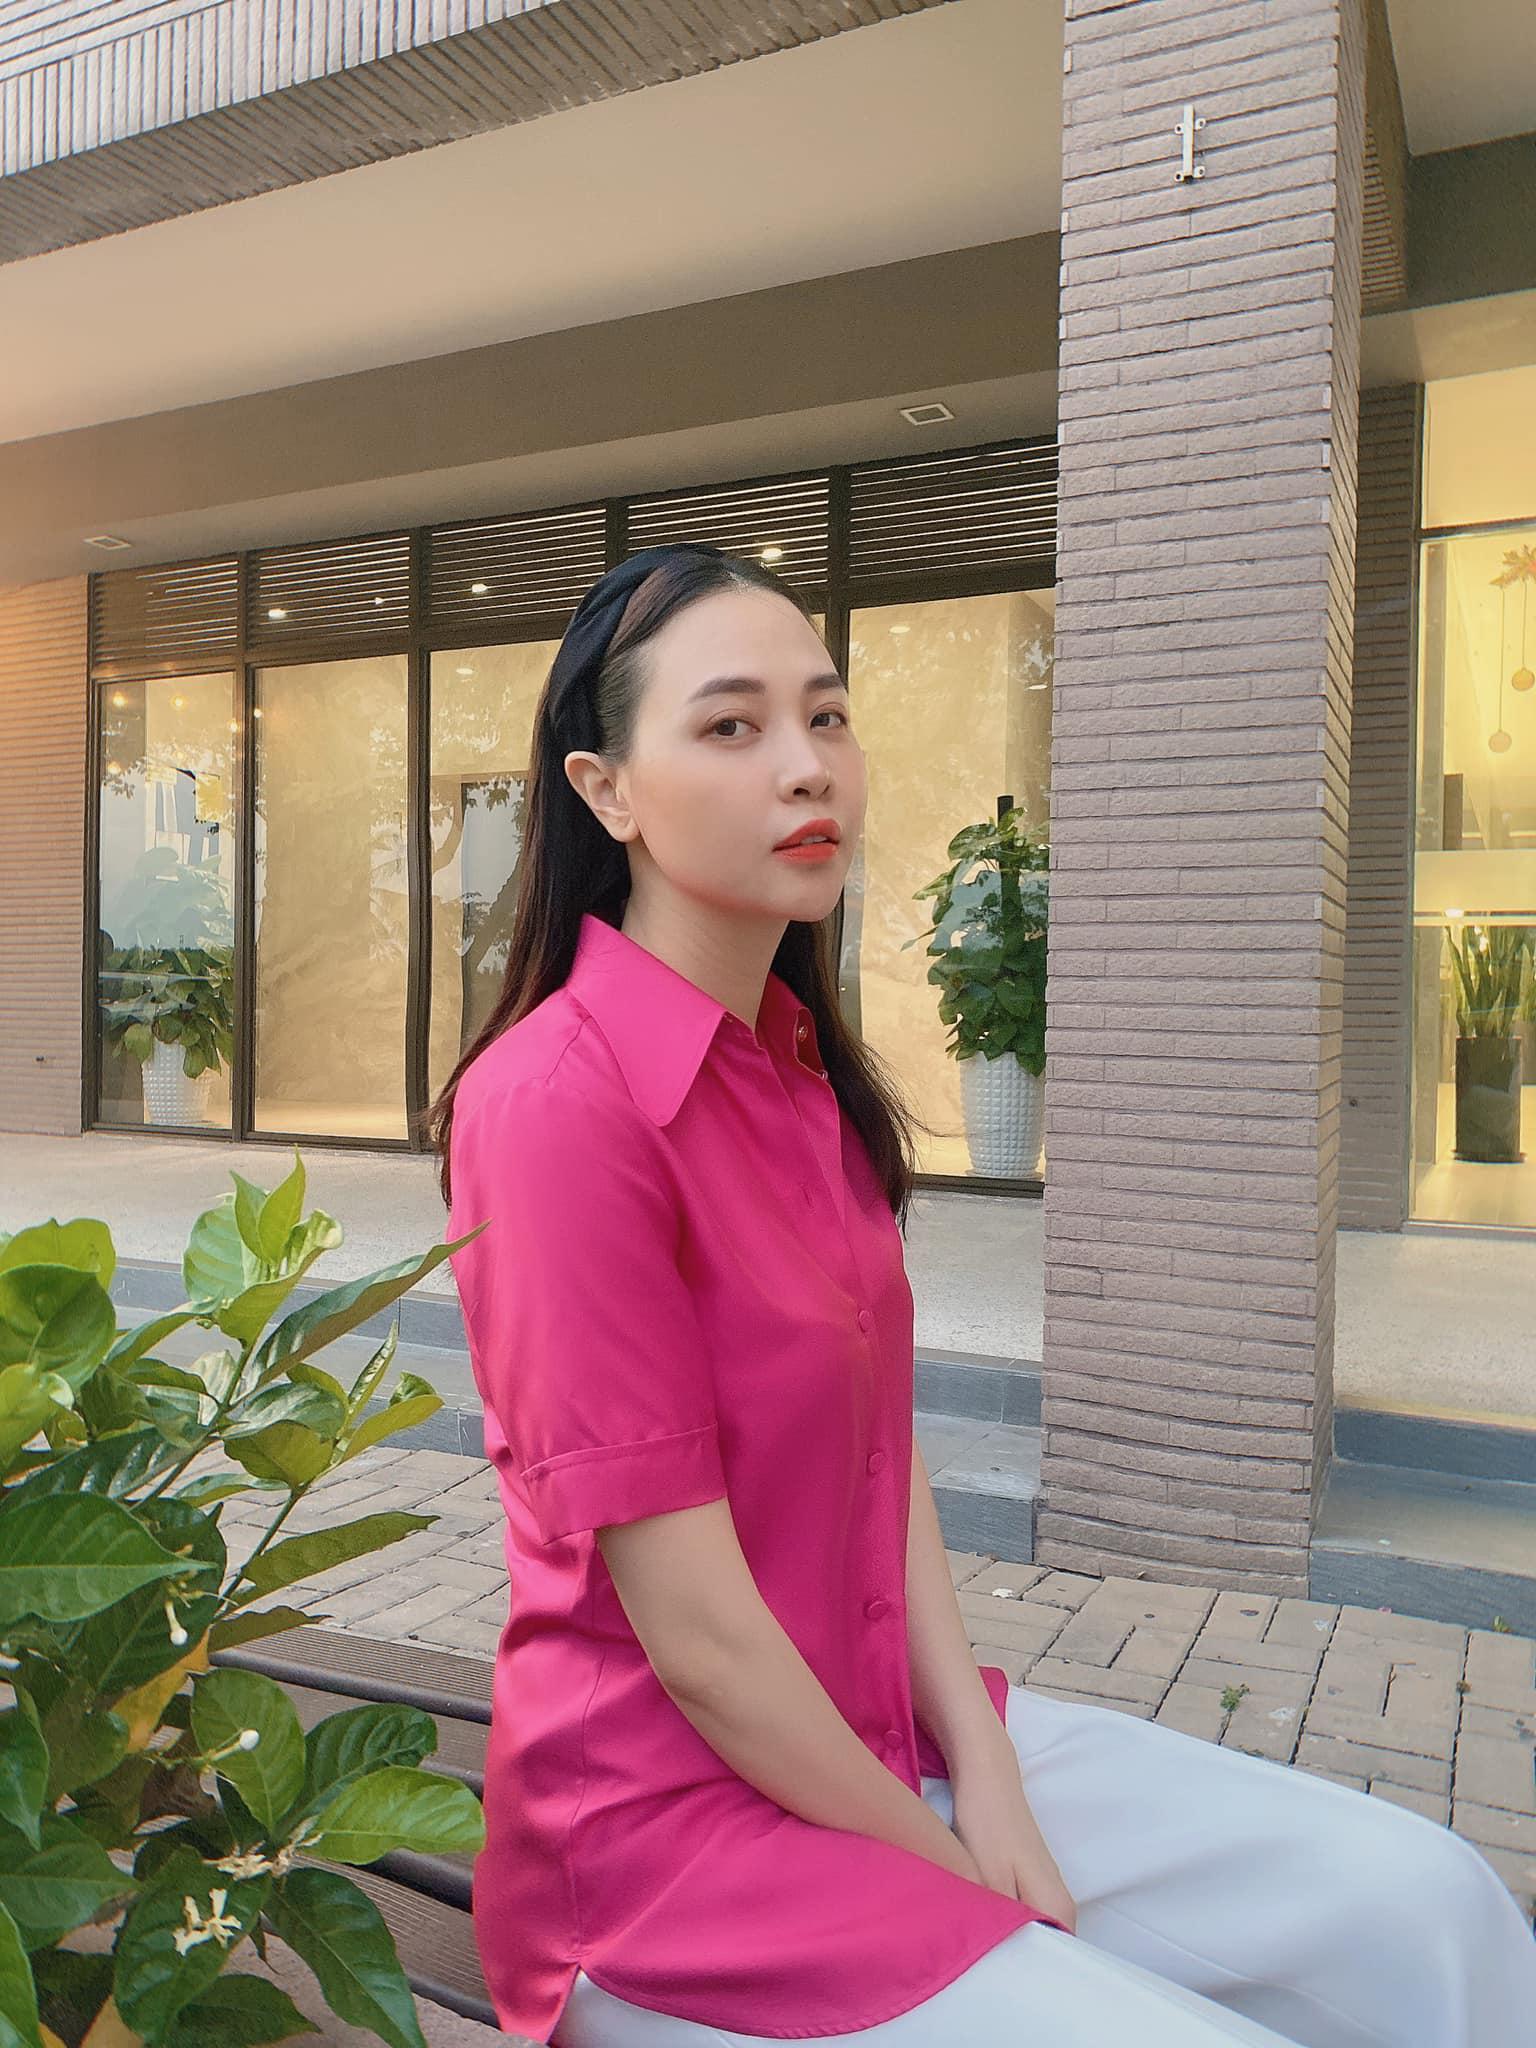 Đàm Thu Trang hiếm hoi khoe body quyến rũ sau sinh, chứng minh gái một con trông mòn con mắt